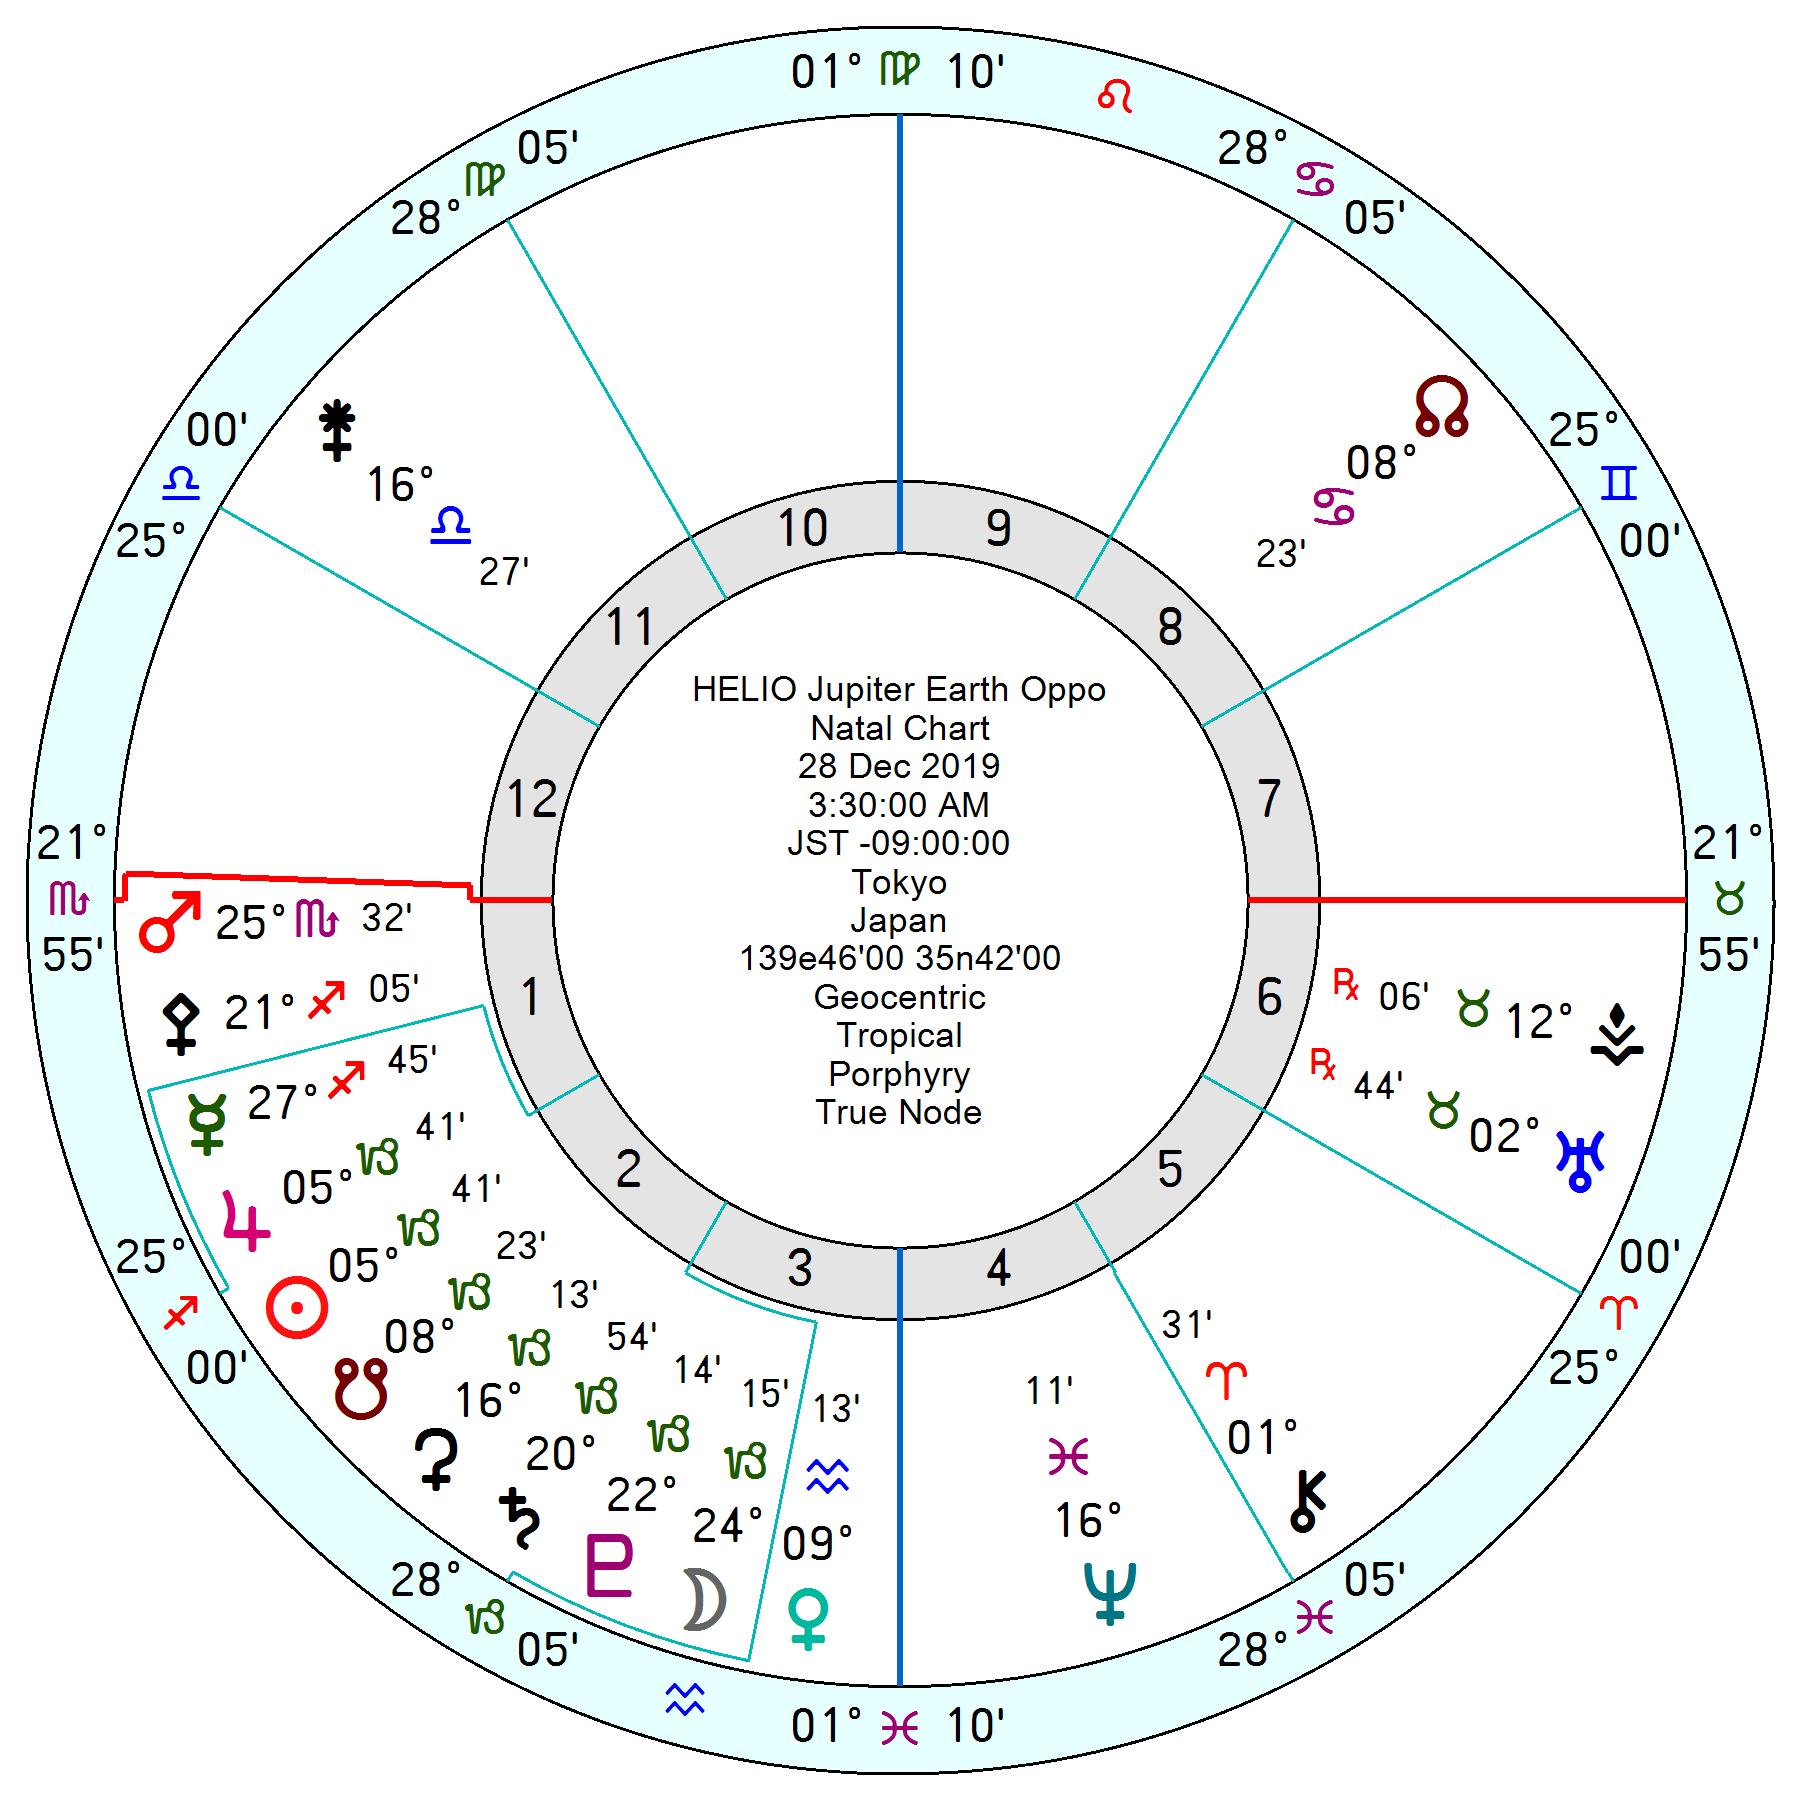 2019年12月28日木星と地球の開き